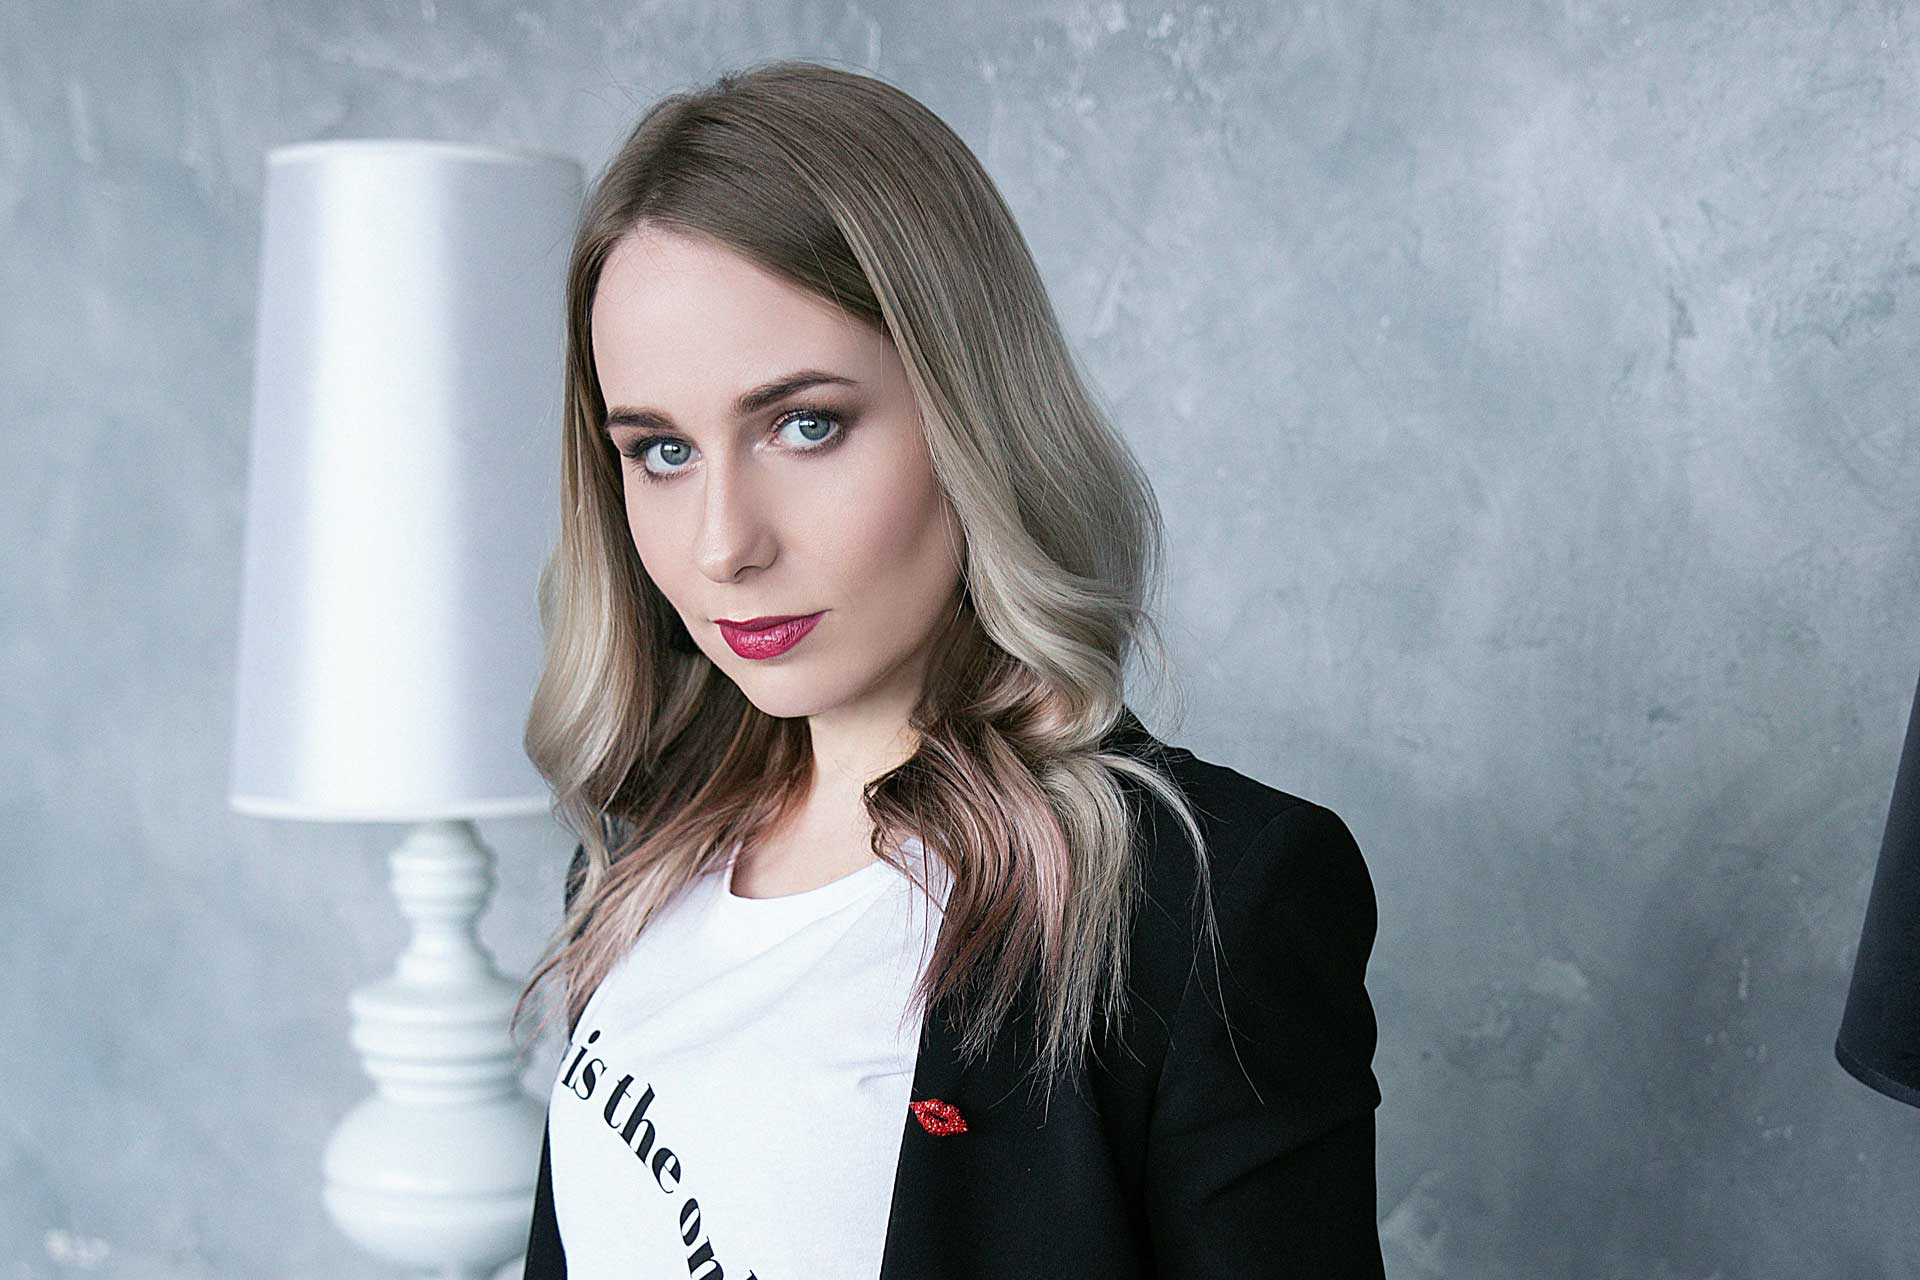 Любовь Панышева, контент-менеджер агентства персонального брендинга BAKERS